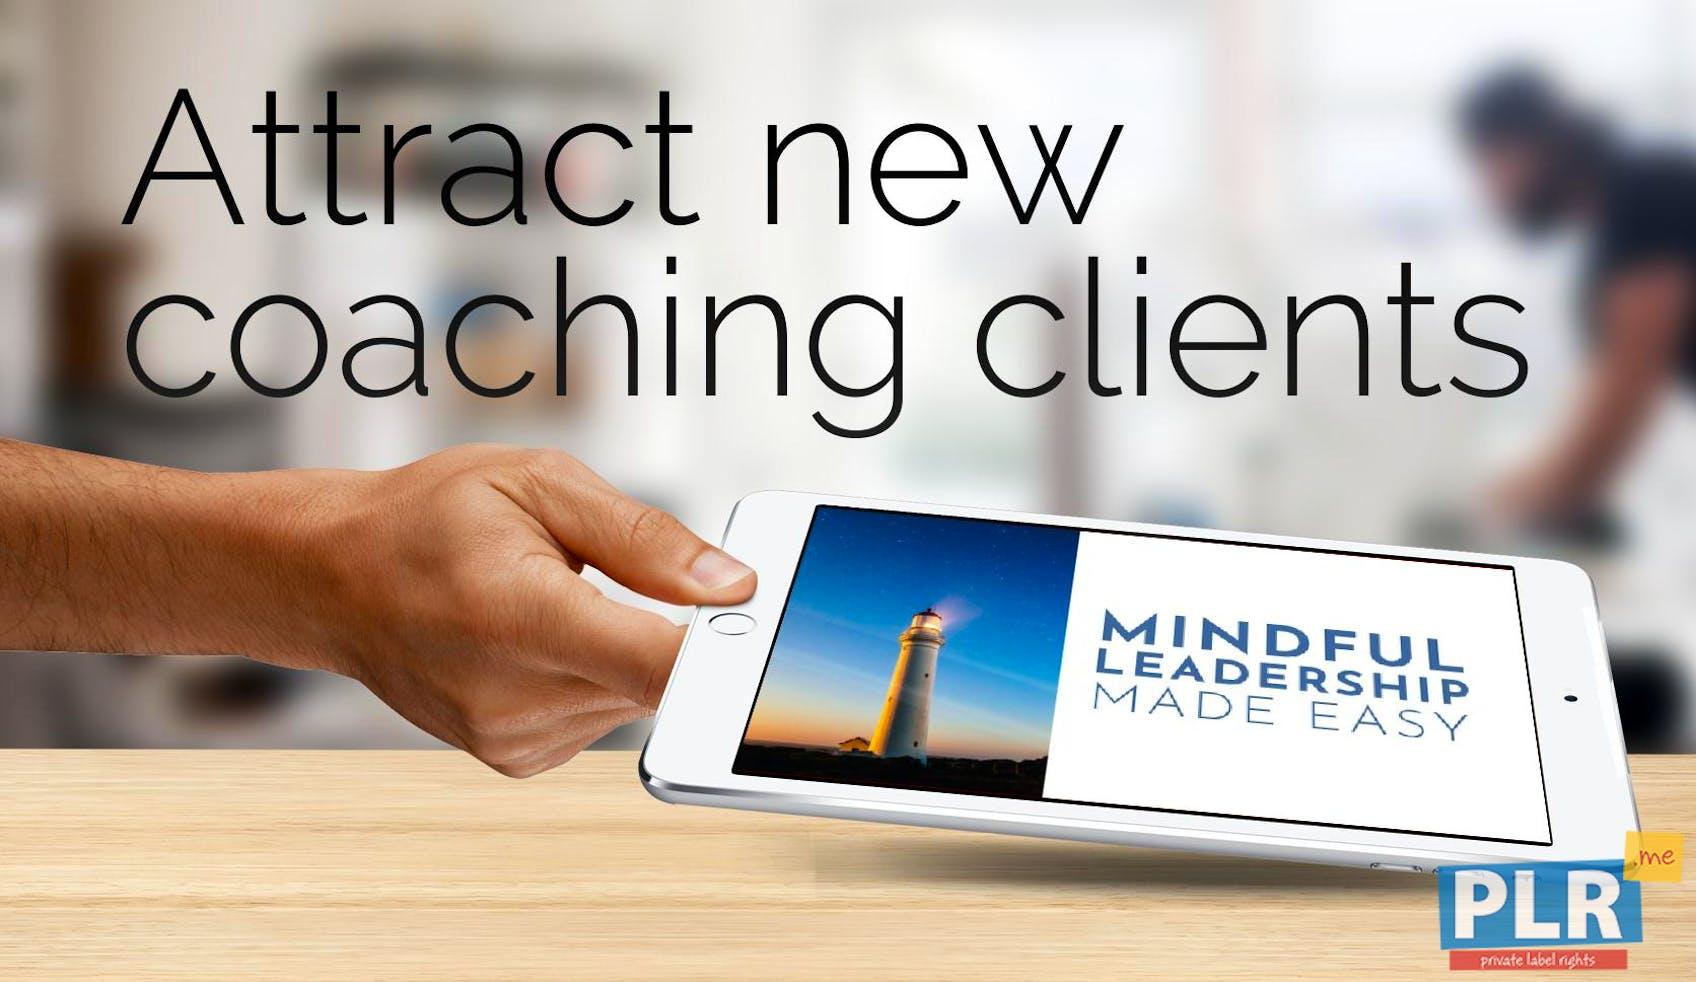 Mindful Leadership Made Easy Slide Deck